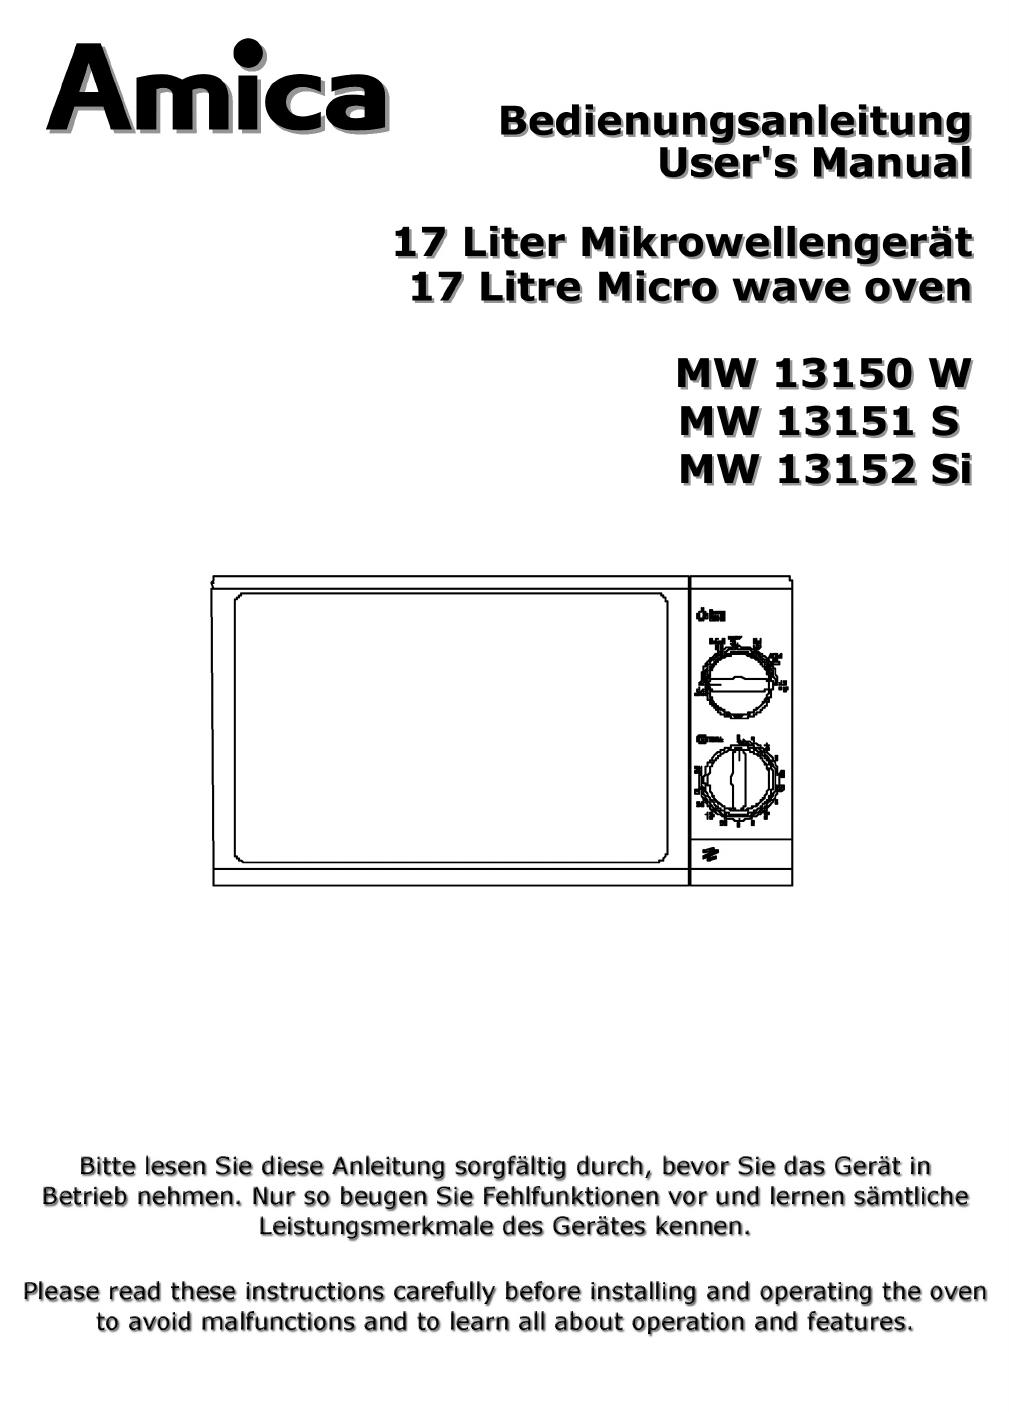 bedienungsanleitung amica mw 13152 seite 1 von 24 deutsch englisch. Black Bedroom Furniture Sets. Home Design Ideas